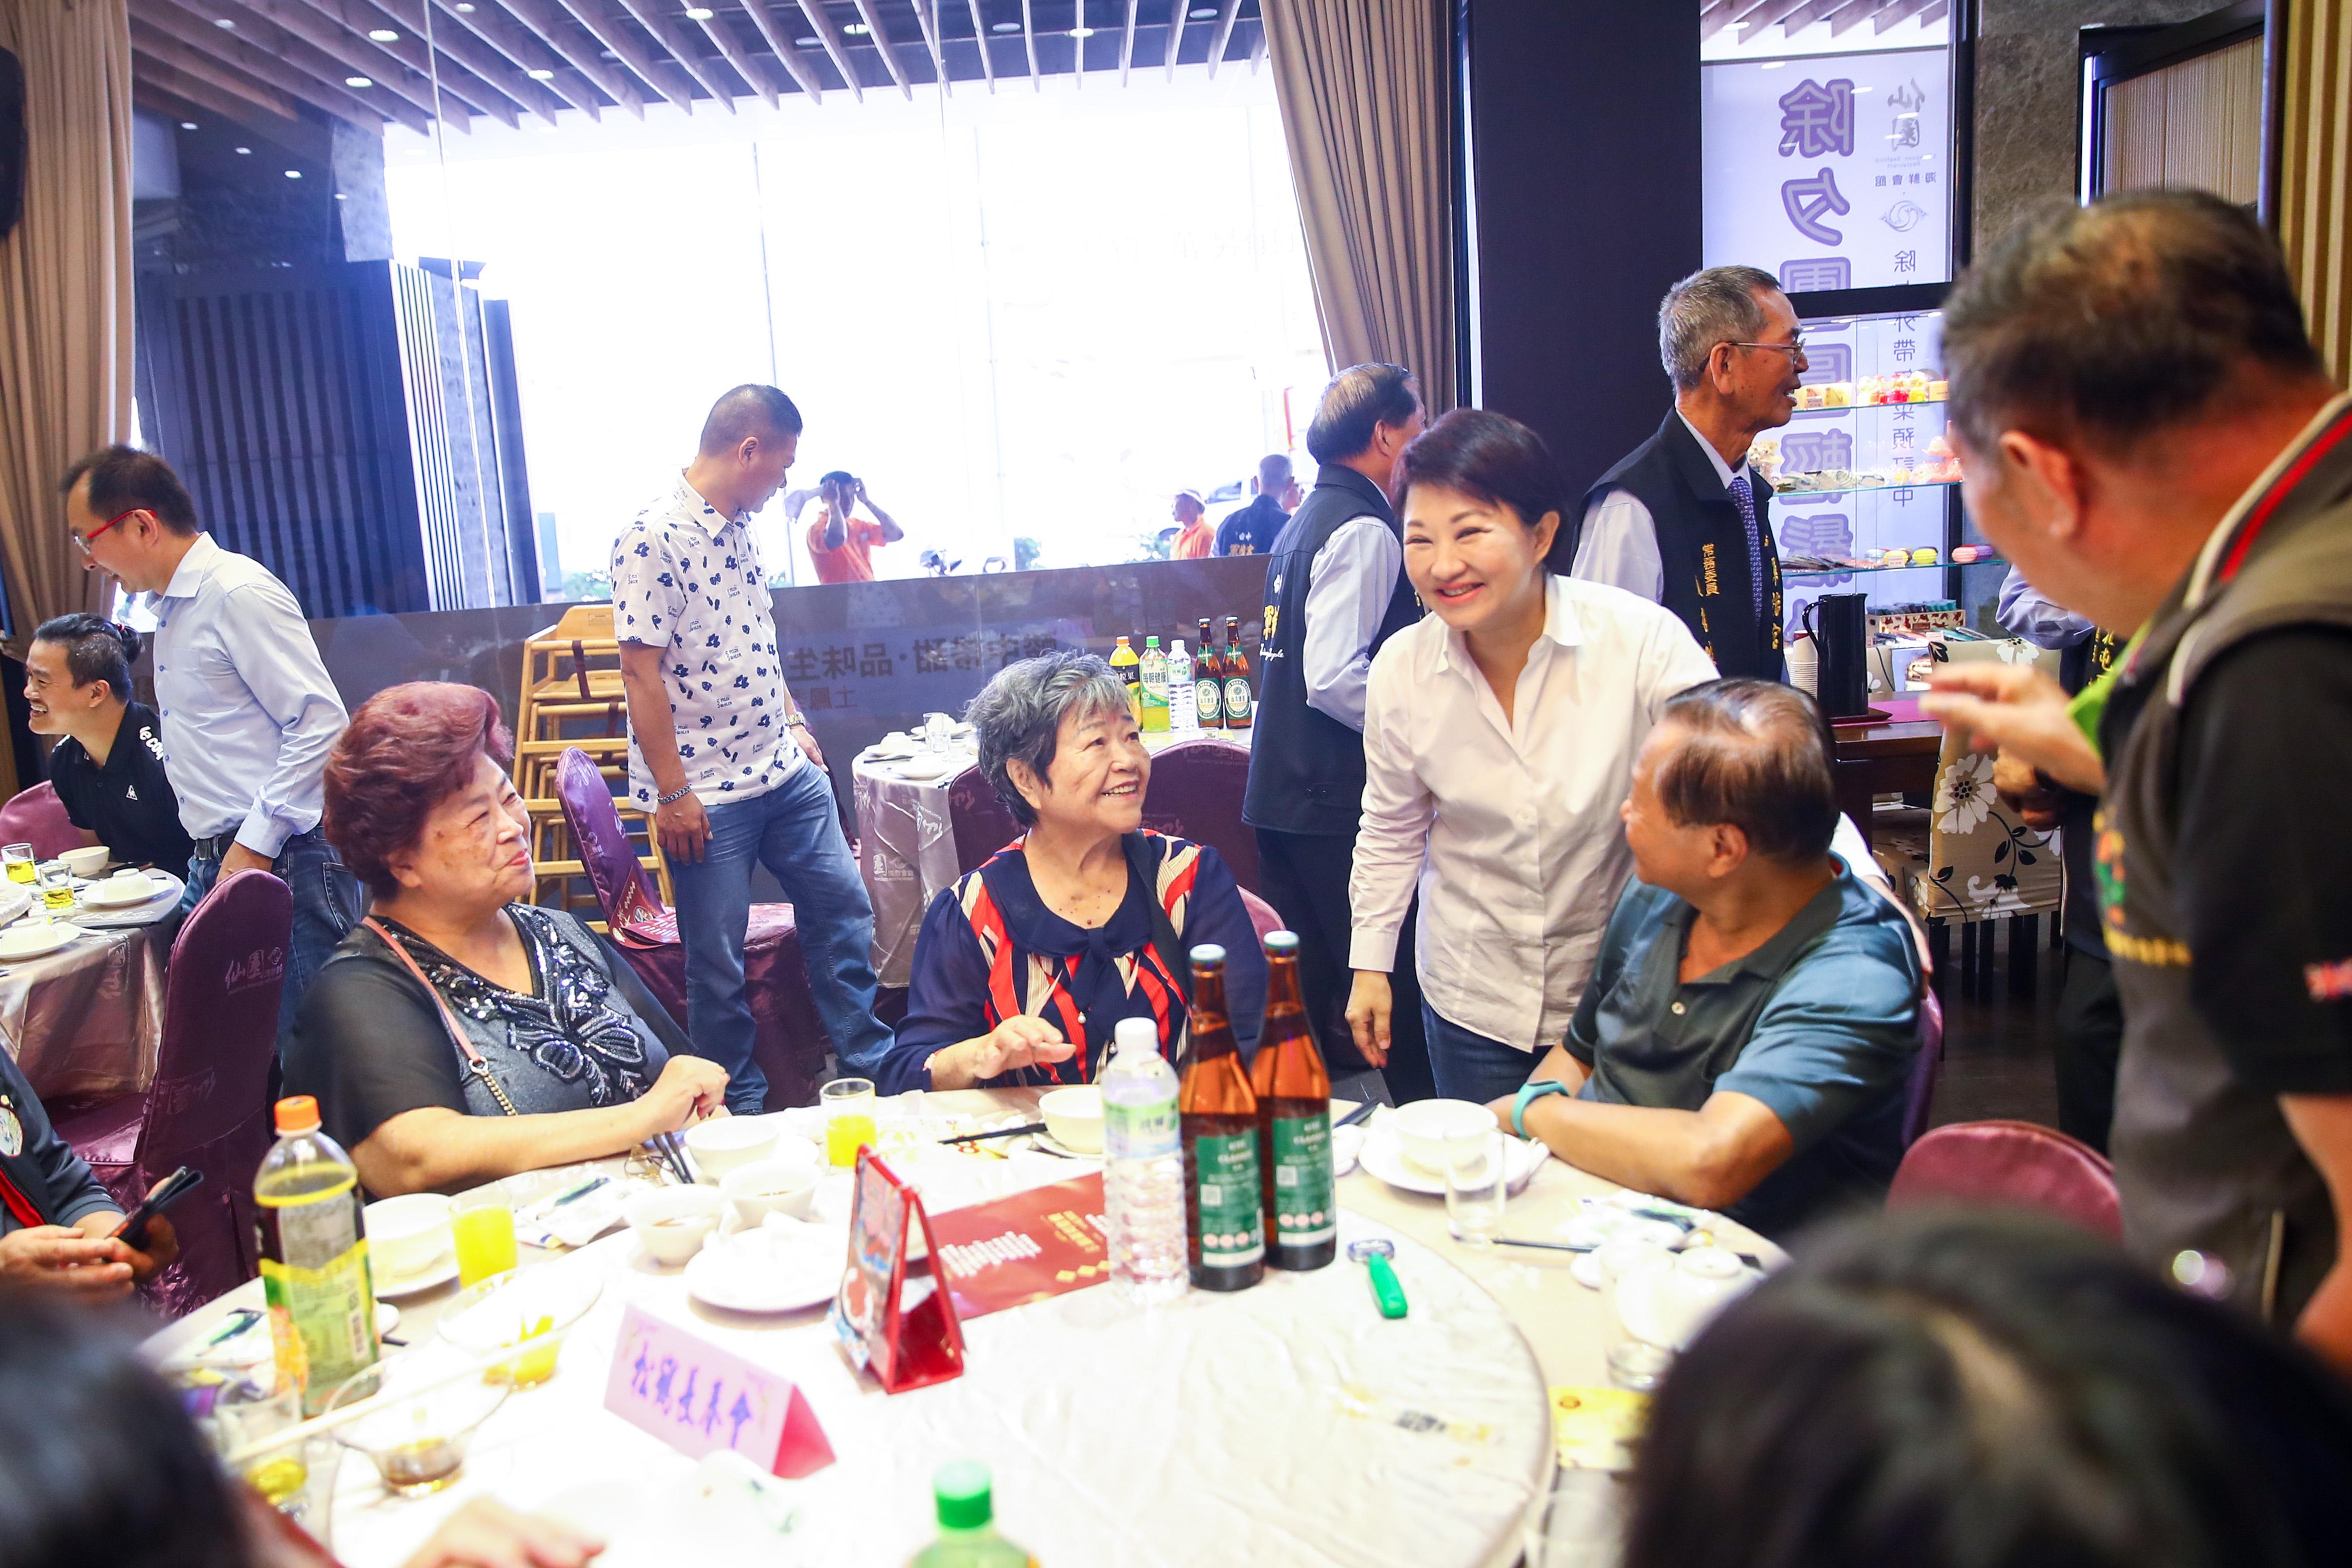 軍福宮40週年宮慶 盧市長廣邀各廟參觀2020台灣燈會